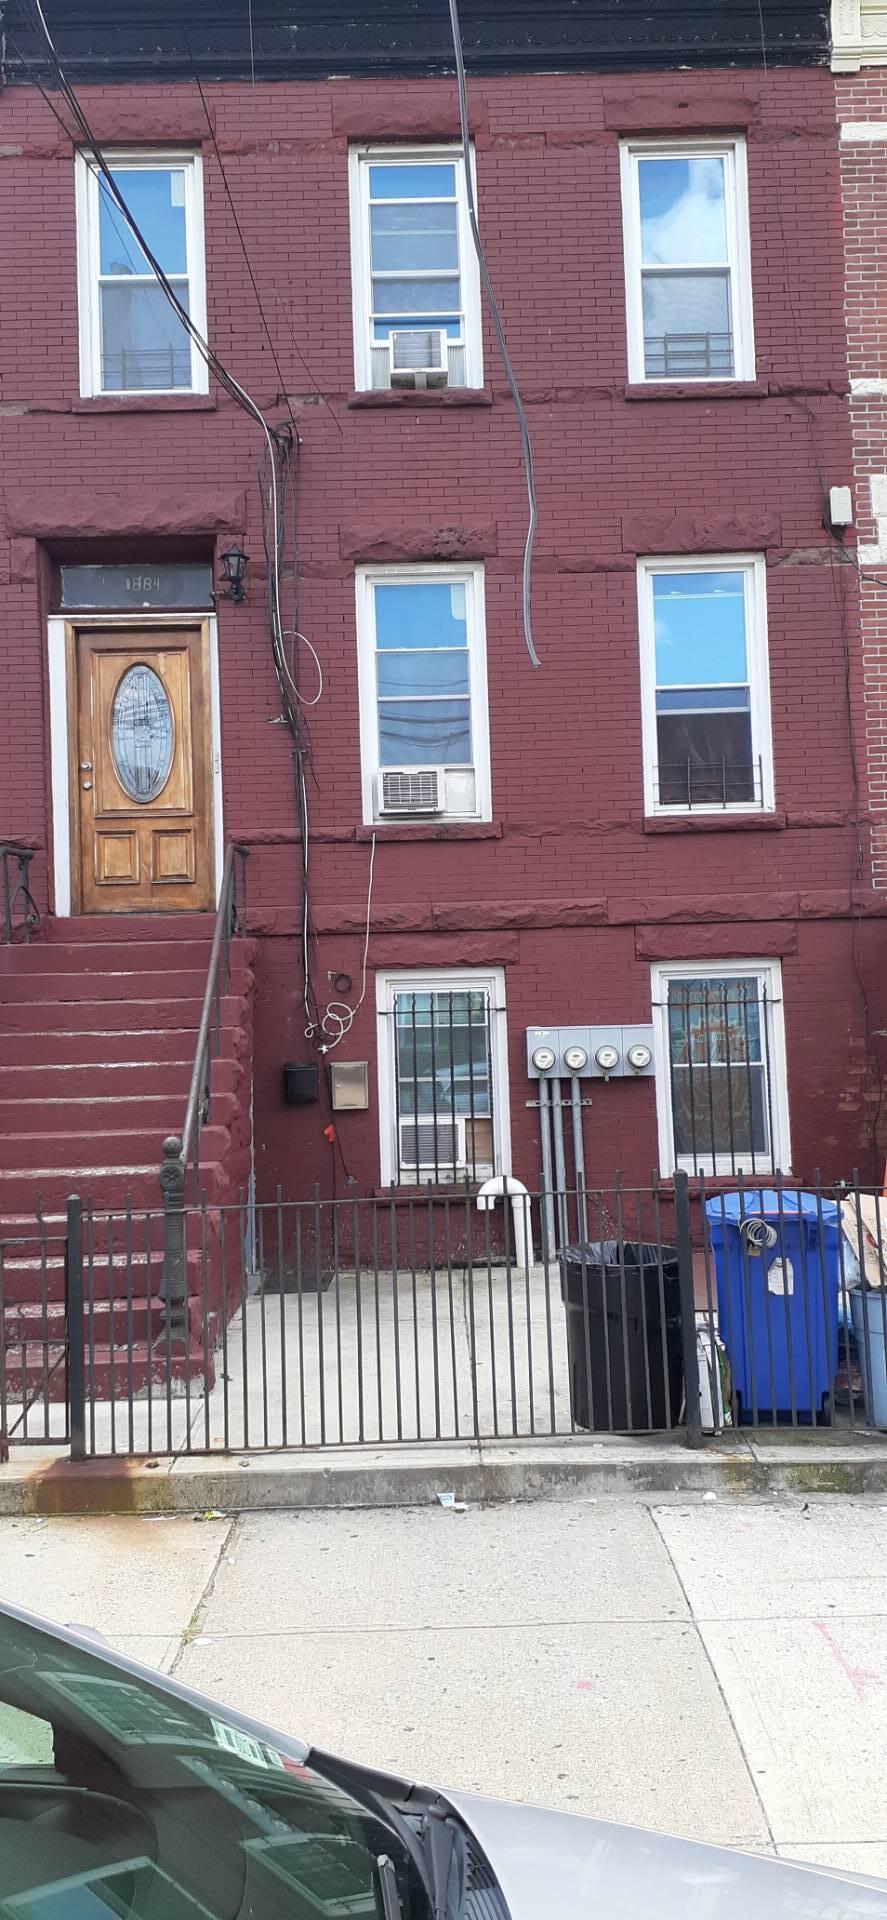 1884 Bergen St, Brooklyn, New York 11233, 6 Bedrooms Bedrooms, ,3 BathroomsBathrooms,Townhouse,For Sale,1884 Bergen St,3,10927517